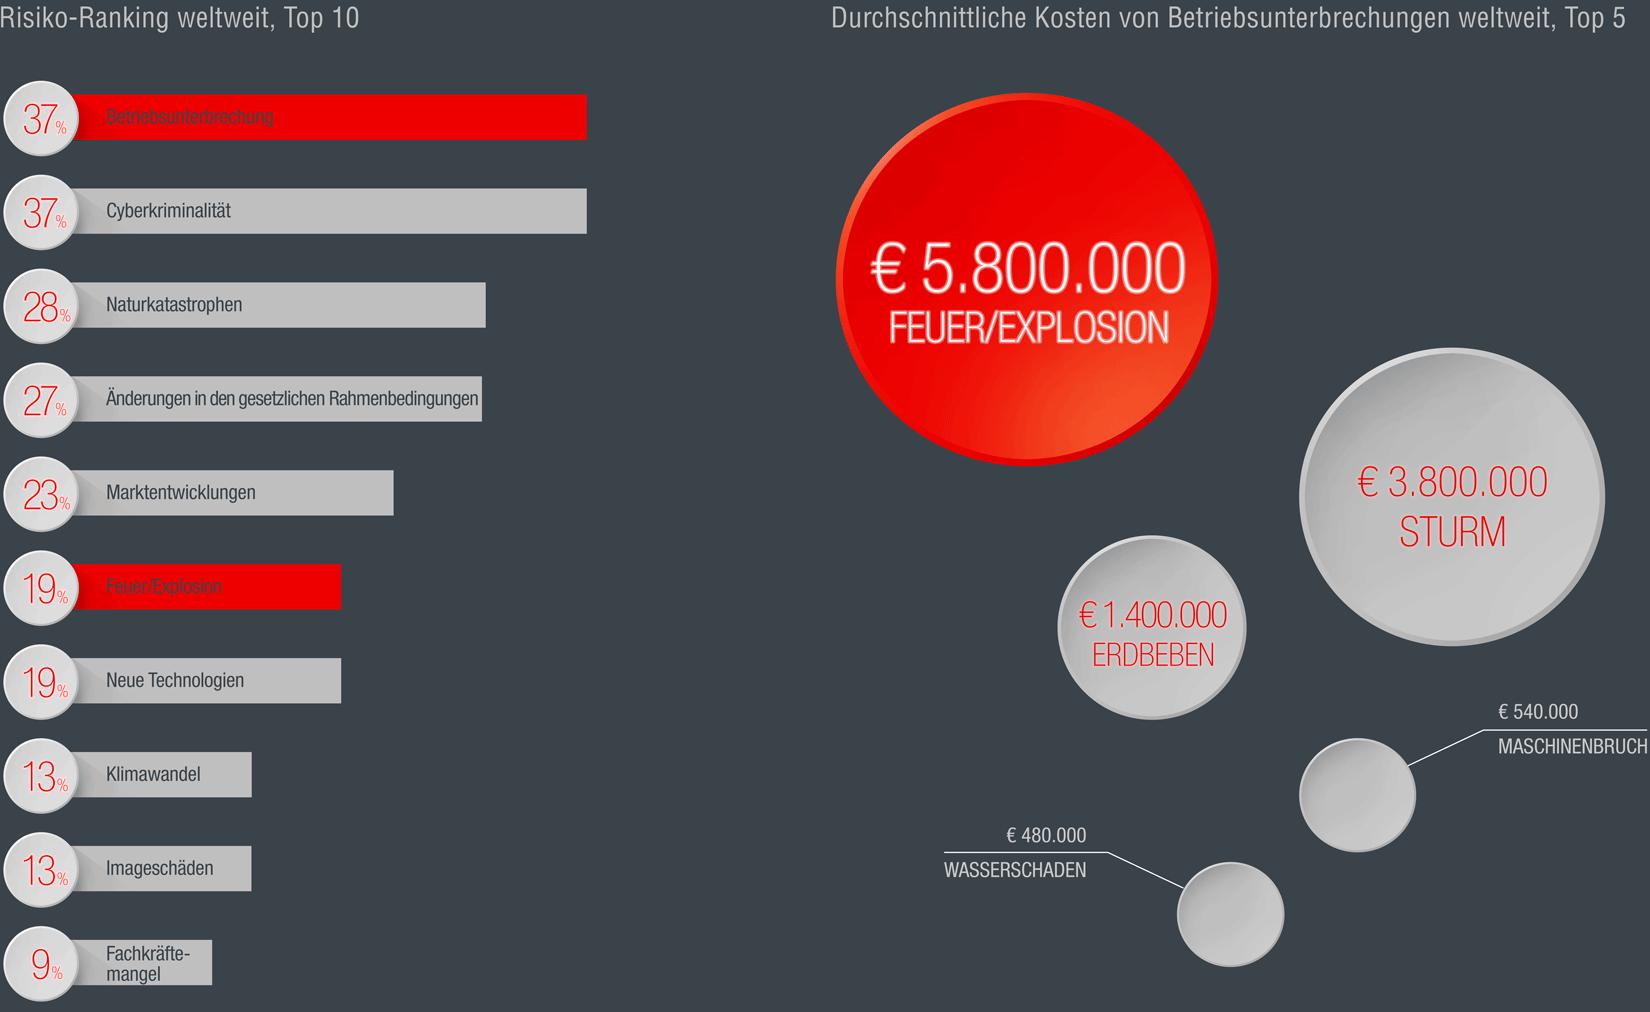 Allianz Risk Barometer 2019: Betriebsunterbrechung und Feuer unter größten Unternehmensrisiken. Illustration: Robert Tober für Hoyer Brandschutz